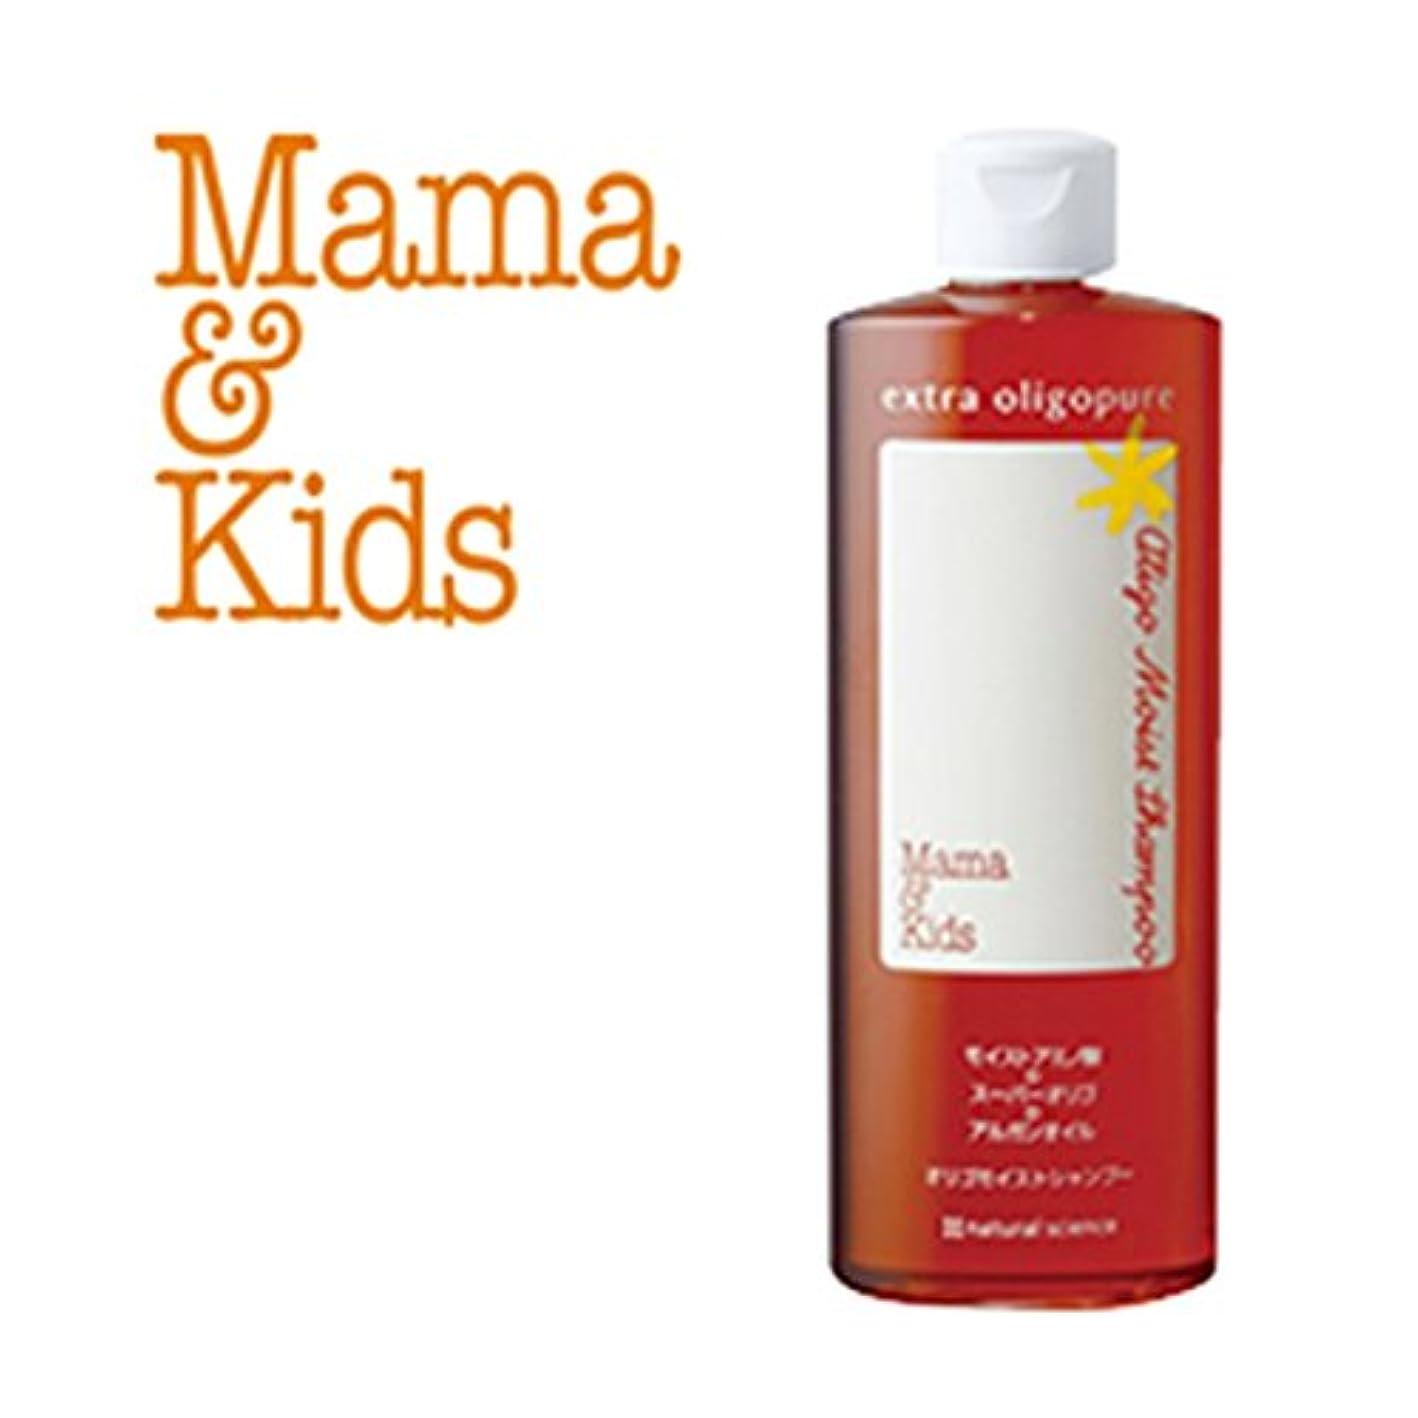 ほんのオーストラリア人百万ママ&キッズ オリゴモイストシャンプー300ML/Mama&Kids Oligo Moist Shampoo/洗发水